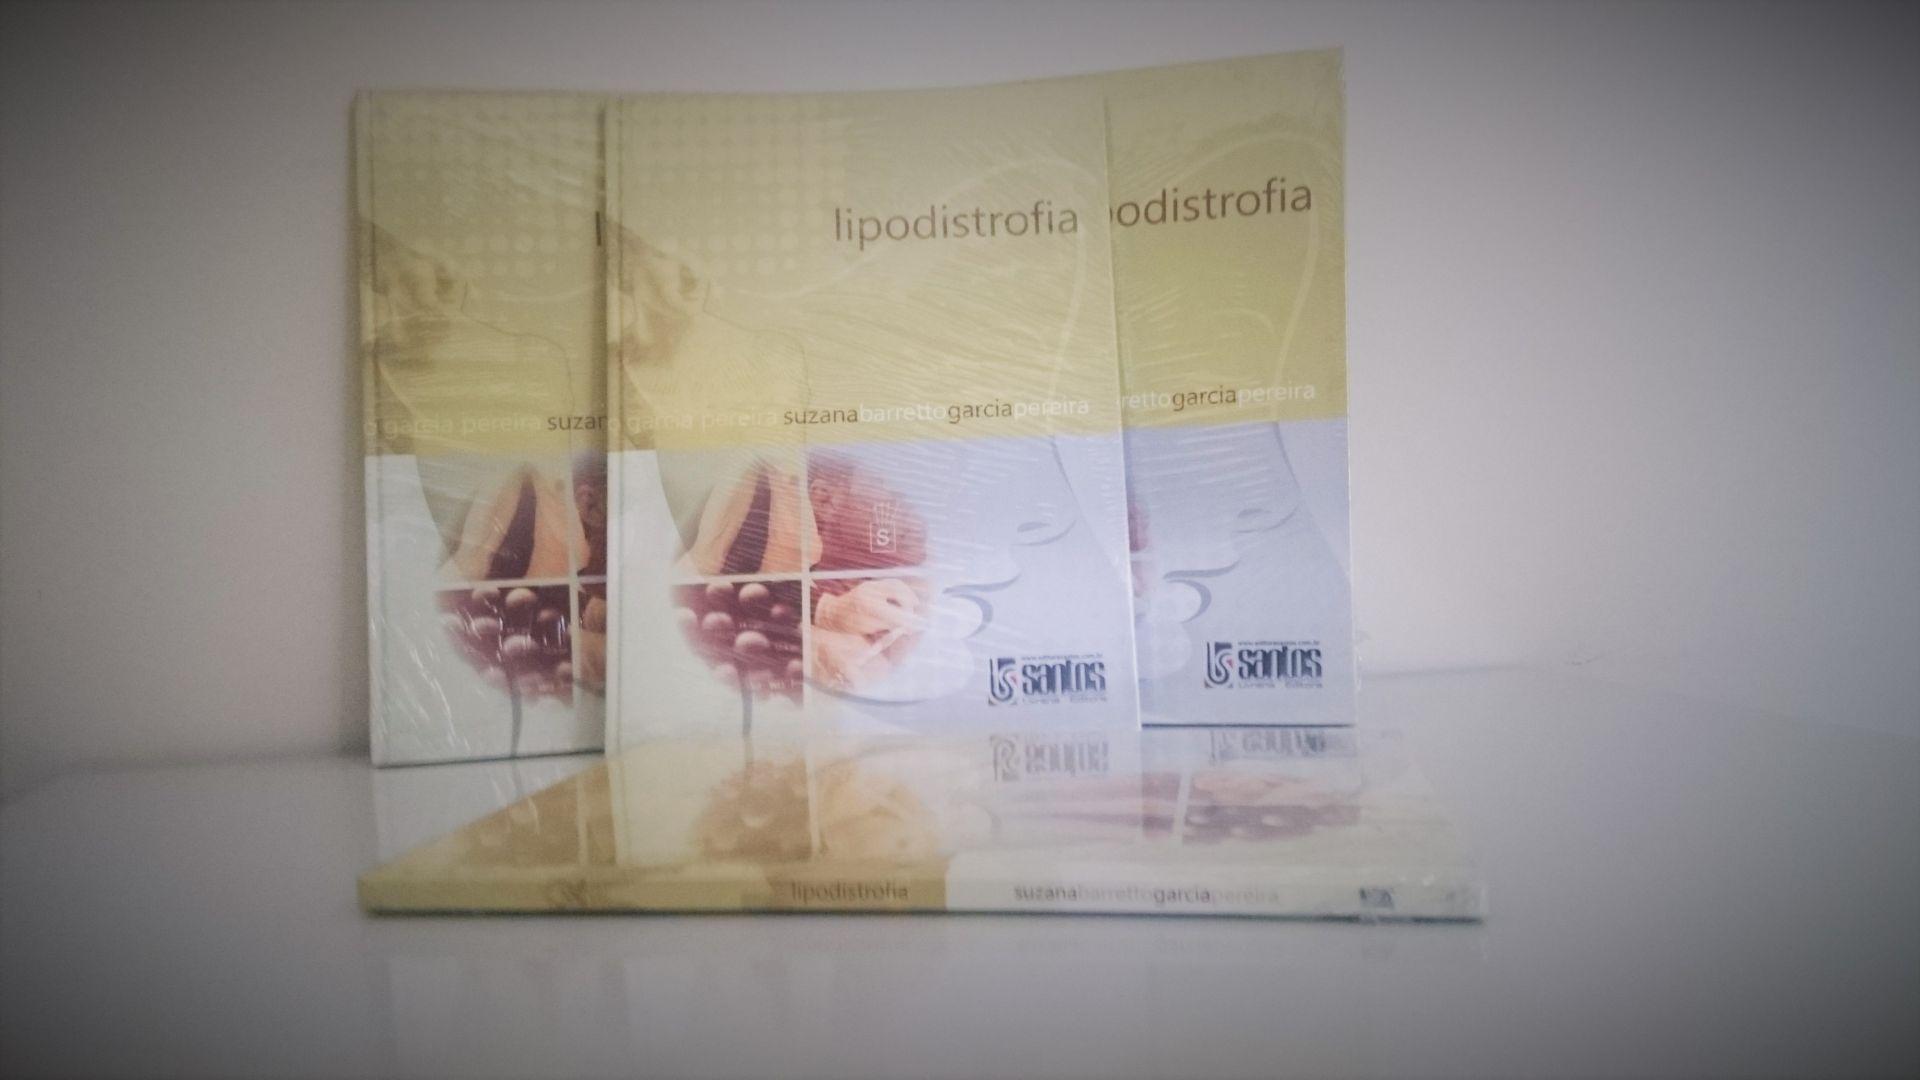 COFFEE BREAK EM TARDE DE AUTÓGRAFO DO LIVRO SOBRE PREENCHIMENTO E BIOPLÁSTIA NA LIPODISTROFIA, DA DRA. SUZANA BARRETTO.